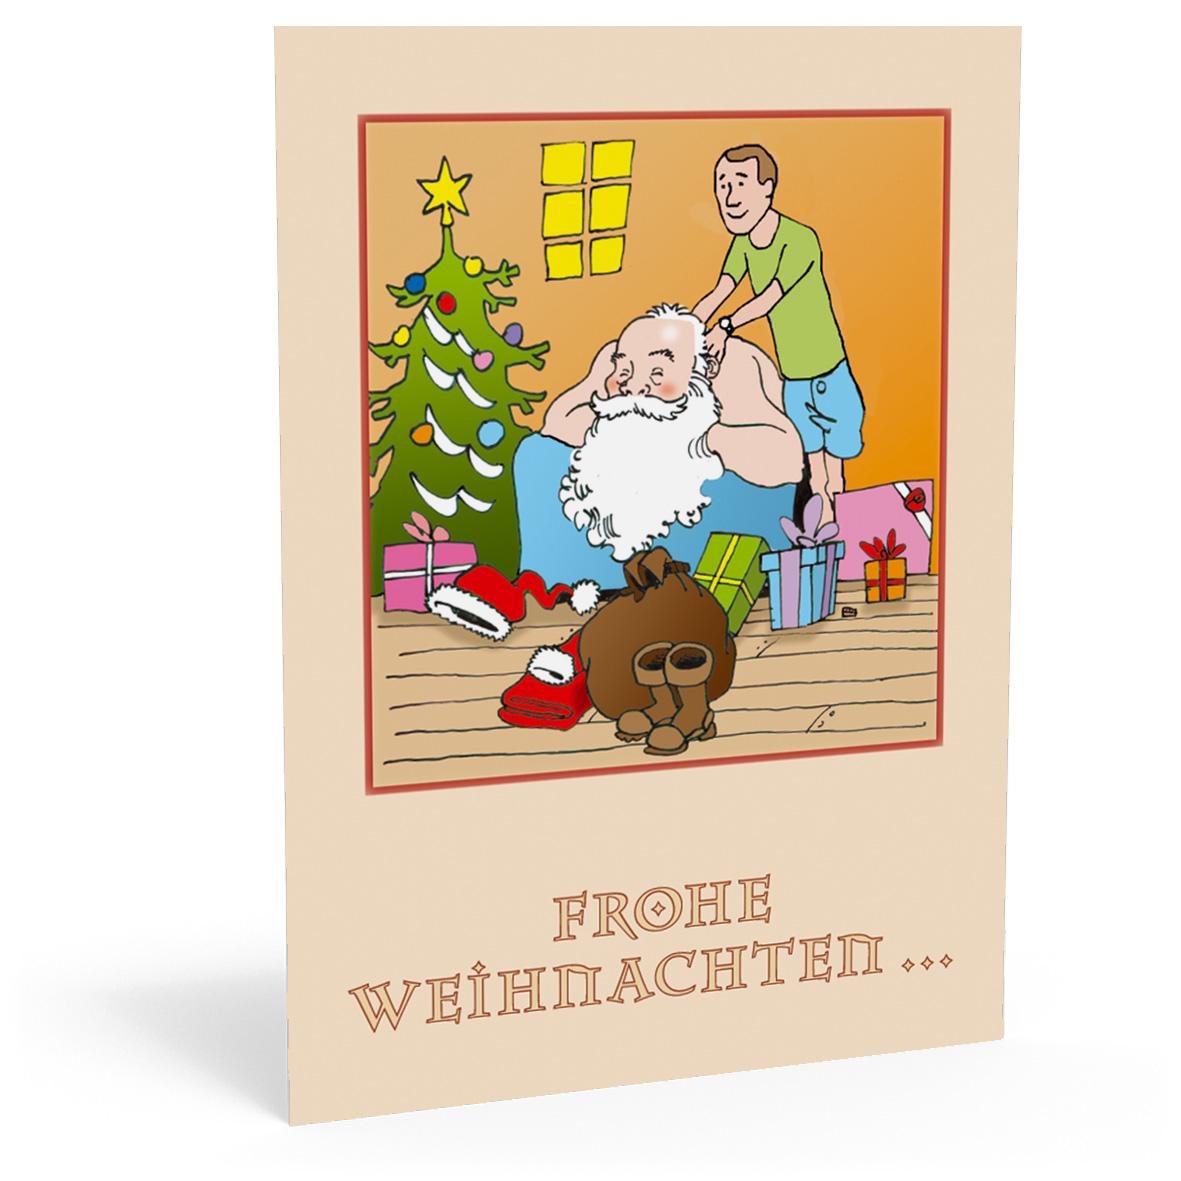 Individualisierte Weihnachtskarten.Pythagoras Marketing Gmbh Weihnachtskarte Feel Good Santa Geschenkgutscheine Visitenkarten Kundenkarten Und Weitere Treuesysteme